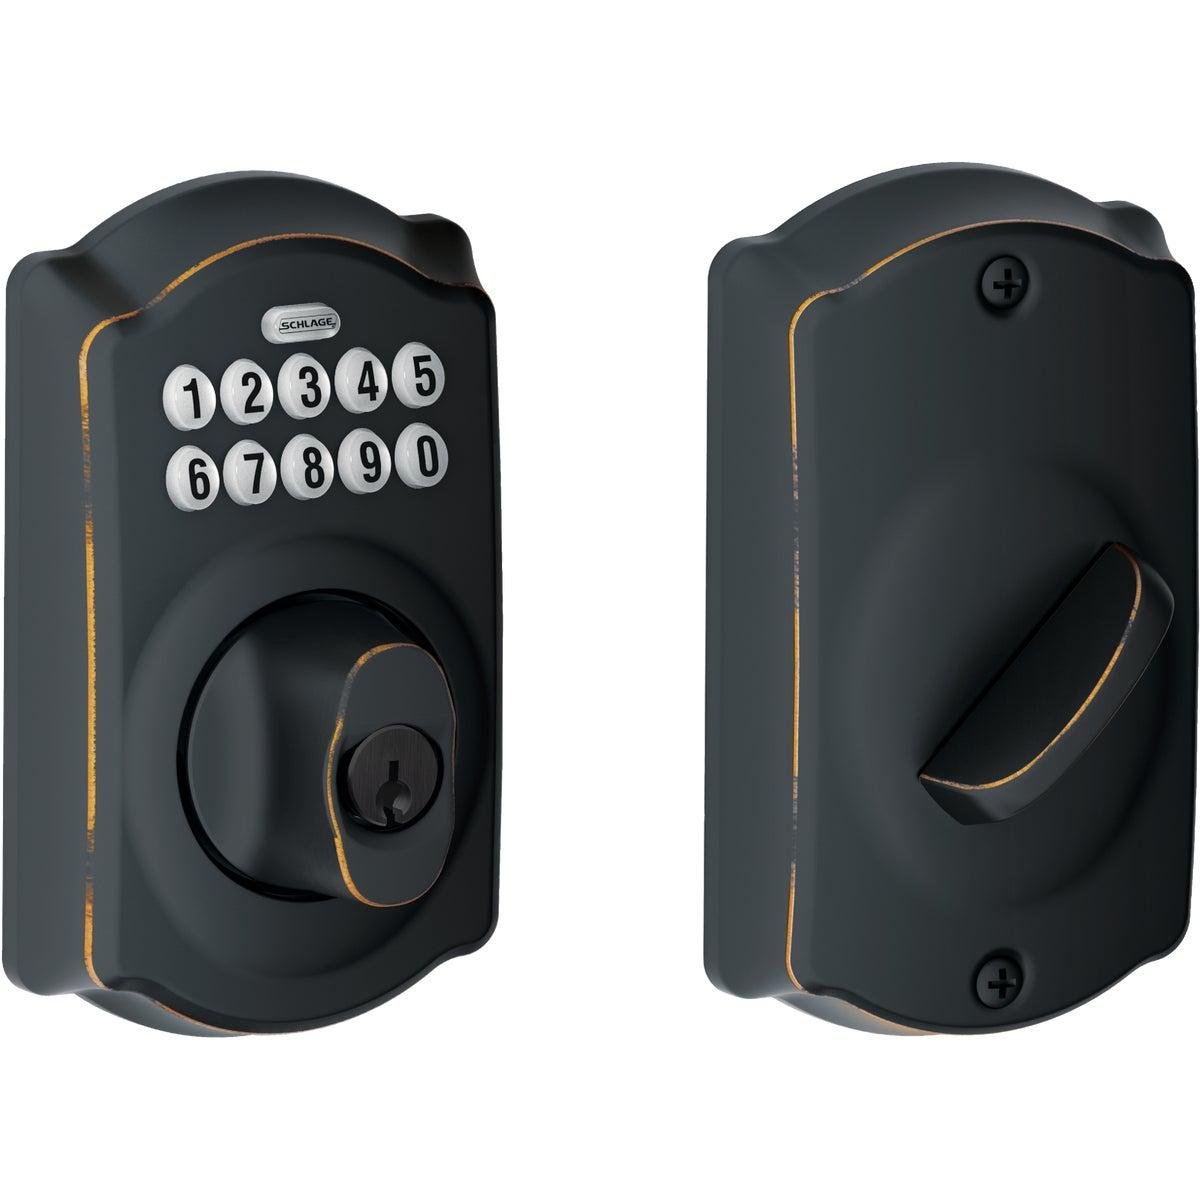 ELECTRONIC LOCK DEADBOLT - BE365VCAM716 by Schlage Lock Co